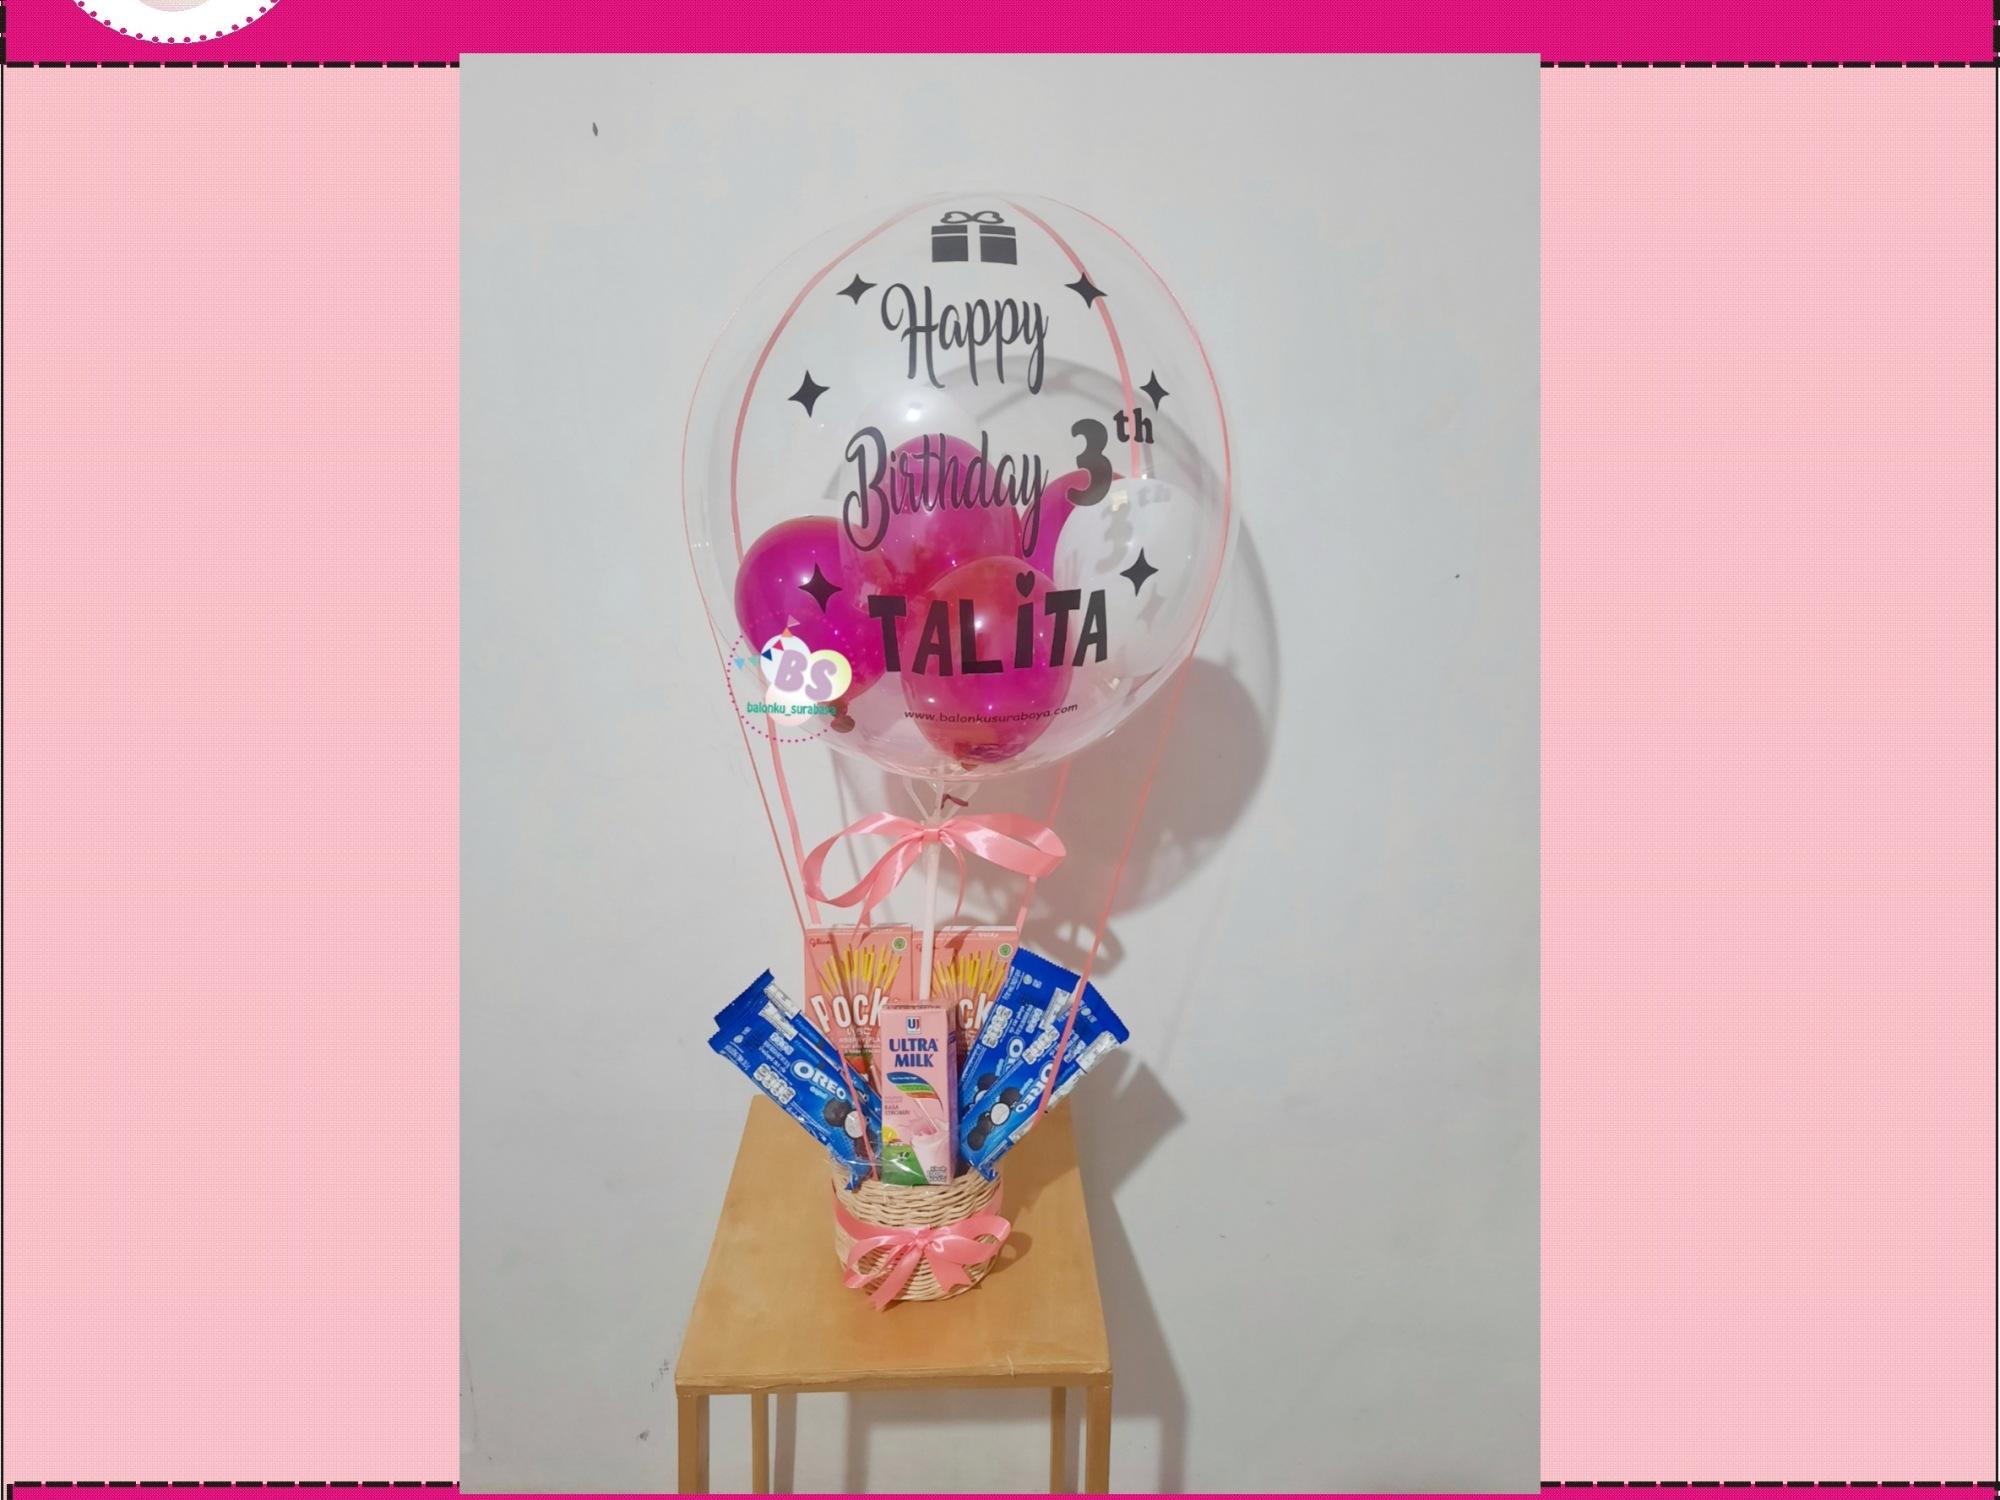 balon ucapan ulang tahun anak balon ucapan warna peach, baln ucapan box coklat, jual balon latex twist hijau emerald, BAlon Gas,Bunga dekorasi,Rangkaian bunga artificial, Buket bunga, buket bunga mawar, harga buket bunga,Balon sablon, balon Printing, balon promosi, Perlengkapan ulang tahun, Balon latex , balon doff, balon natal, balon agustusan, balon dekorasi, balonku Surabaya, 085733133529